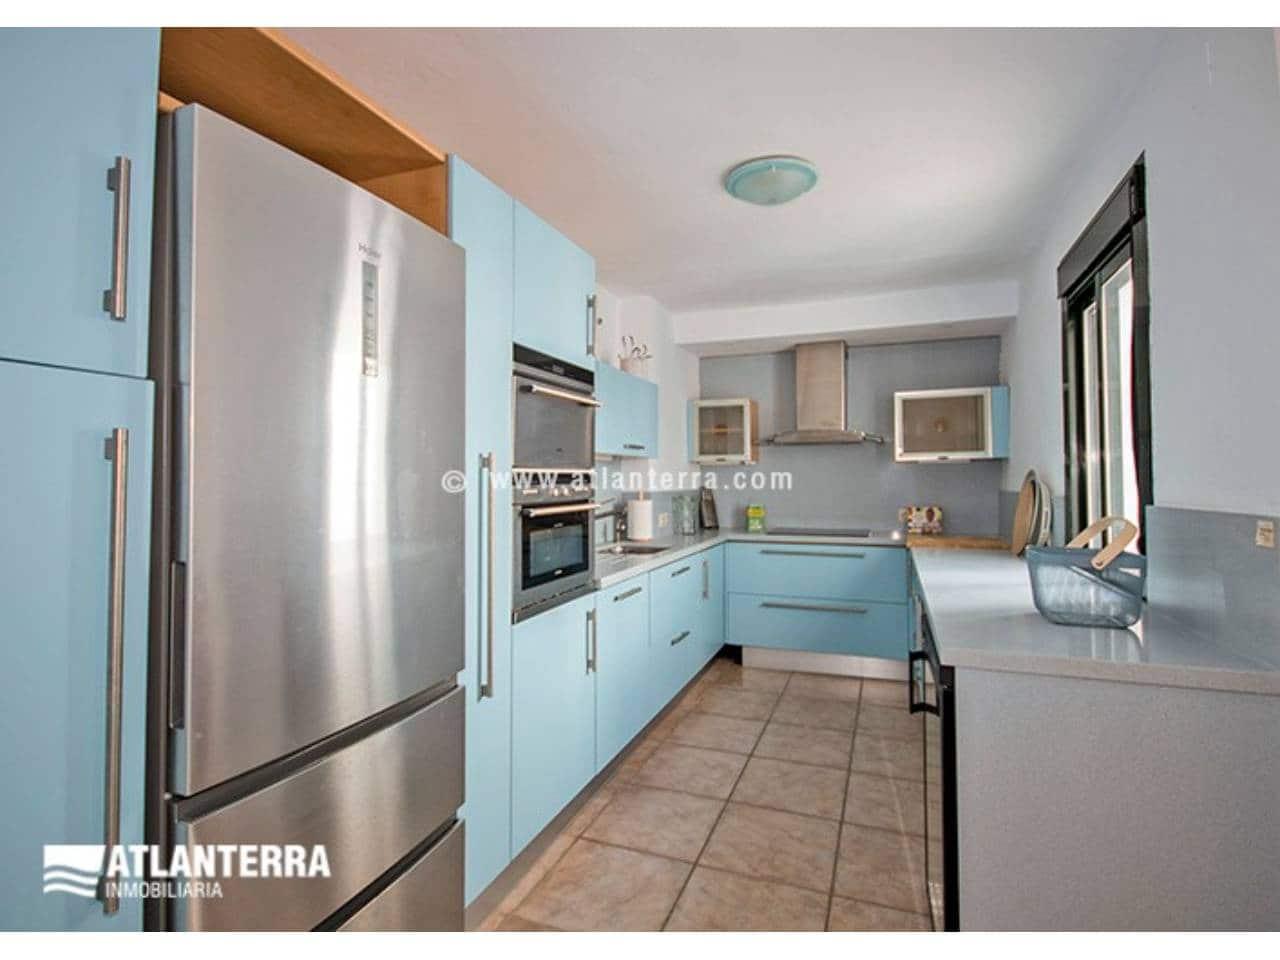 4 slaapkamer Flat voor vakantieverhuur in Zahara de los Atunes met zwembad garage - € 2.200 (Ref: 5711555)